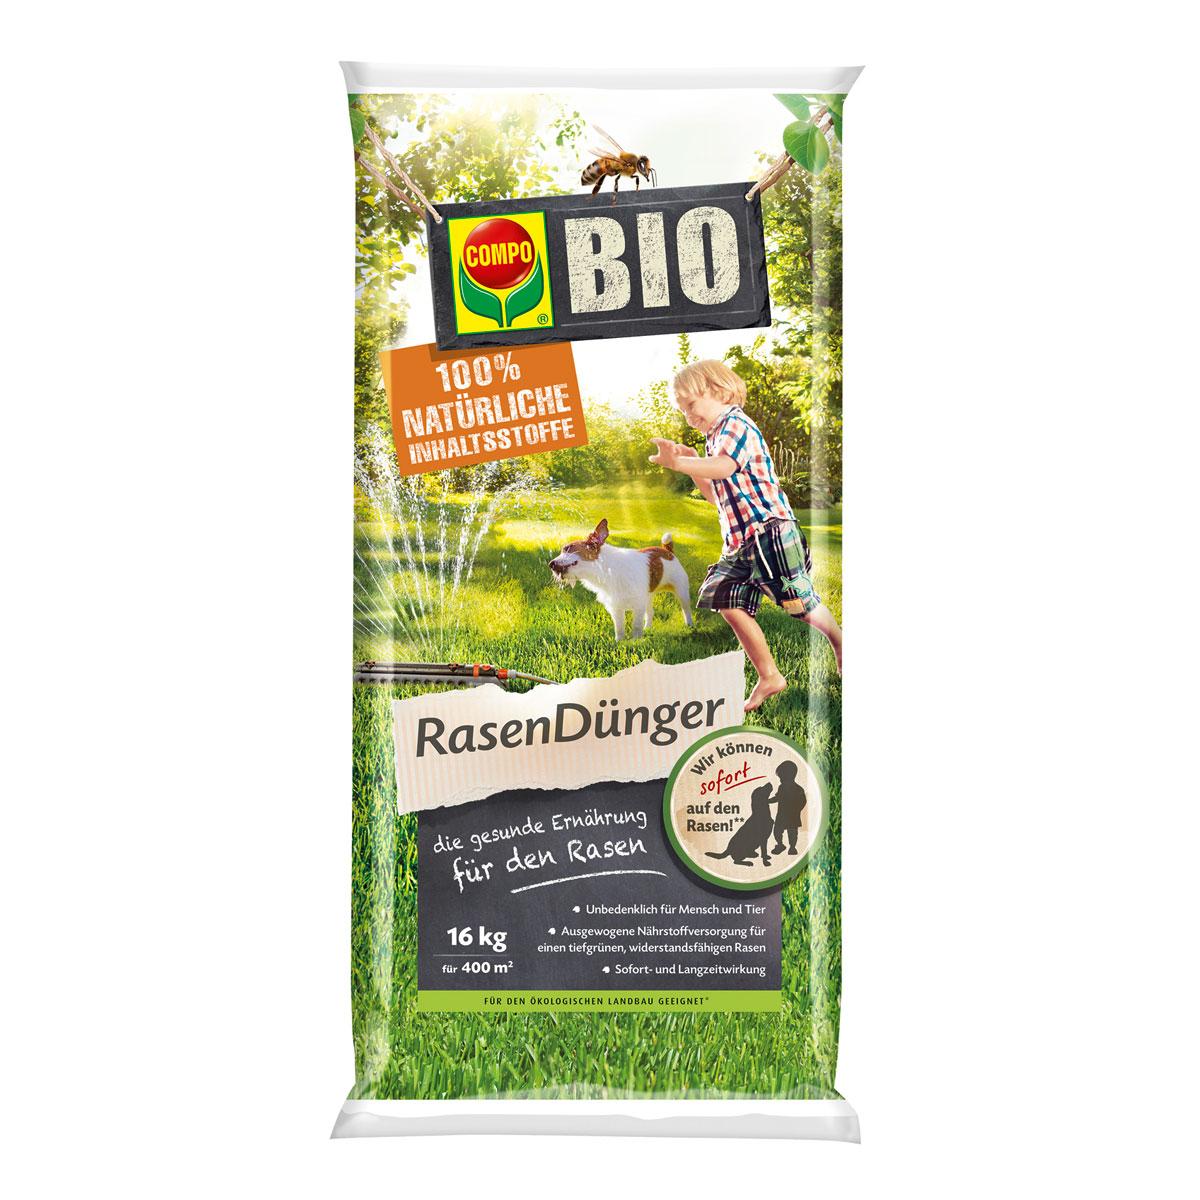 Compo Rasendünger Bio 16 kg, für 400 m²